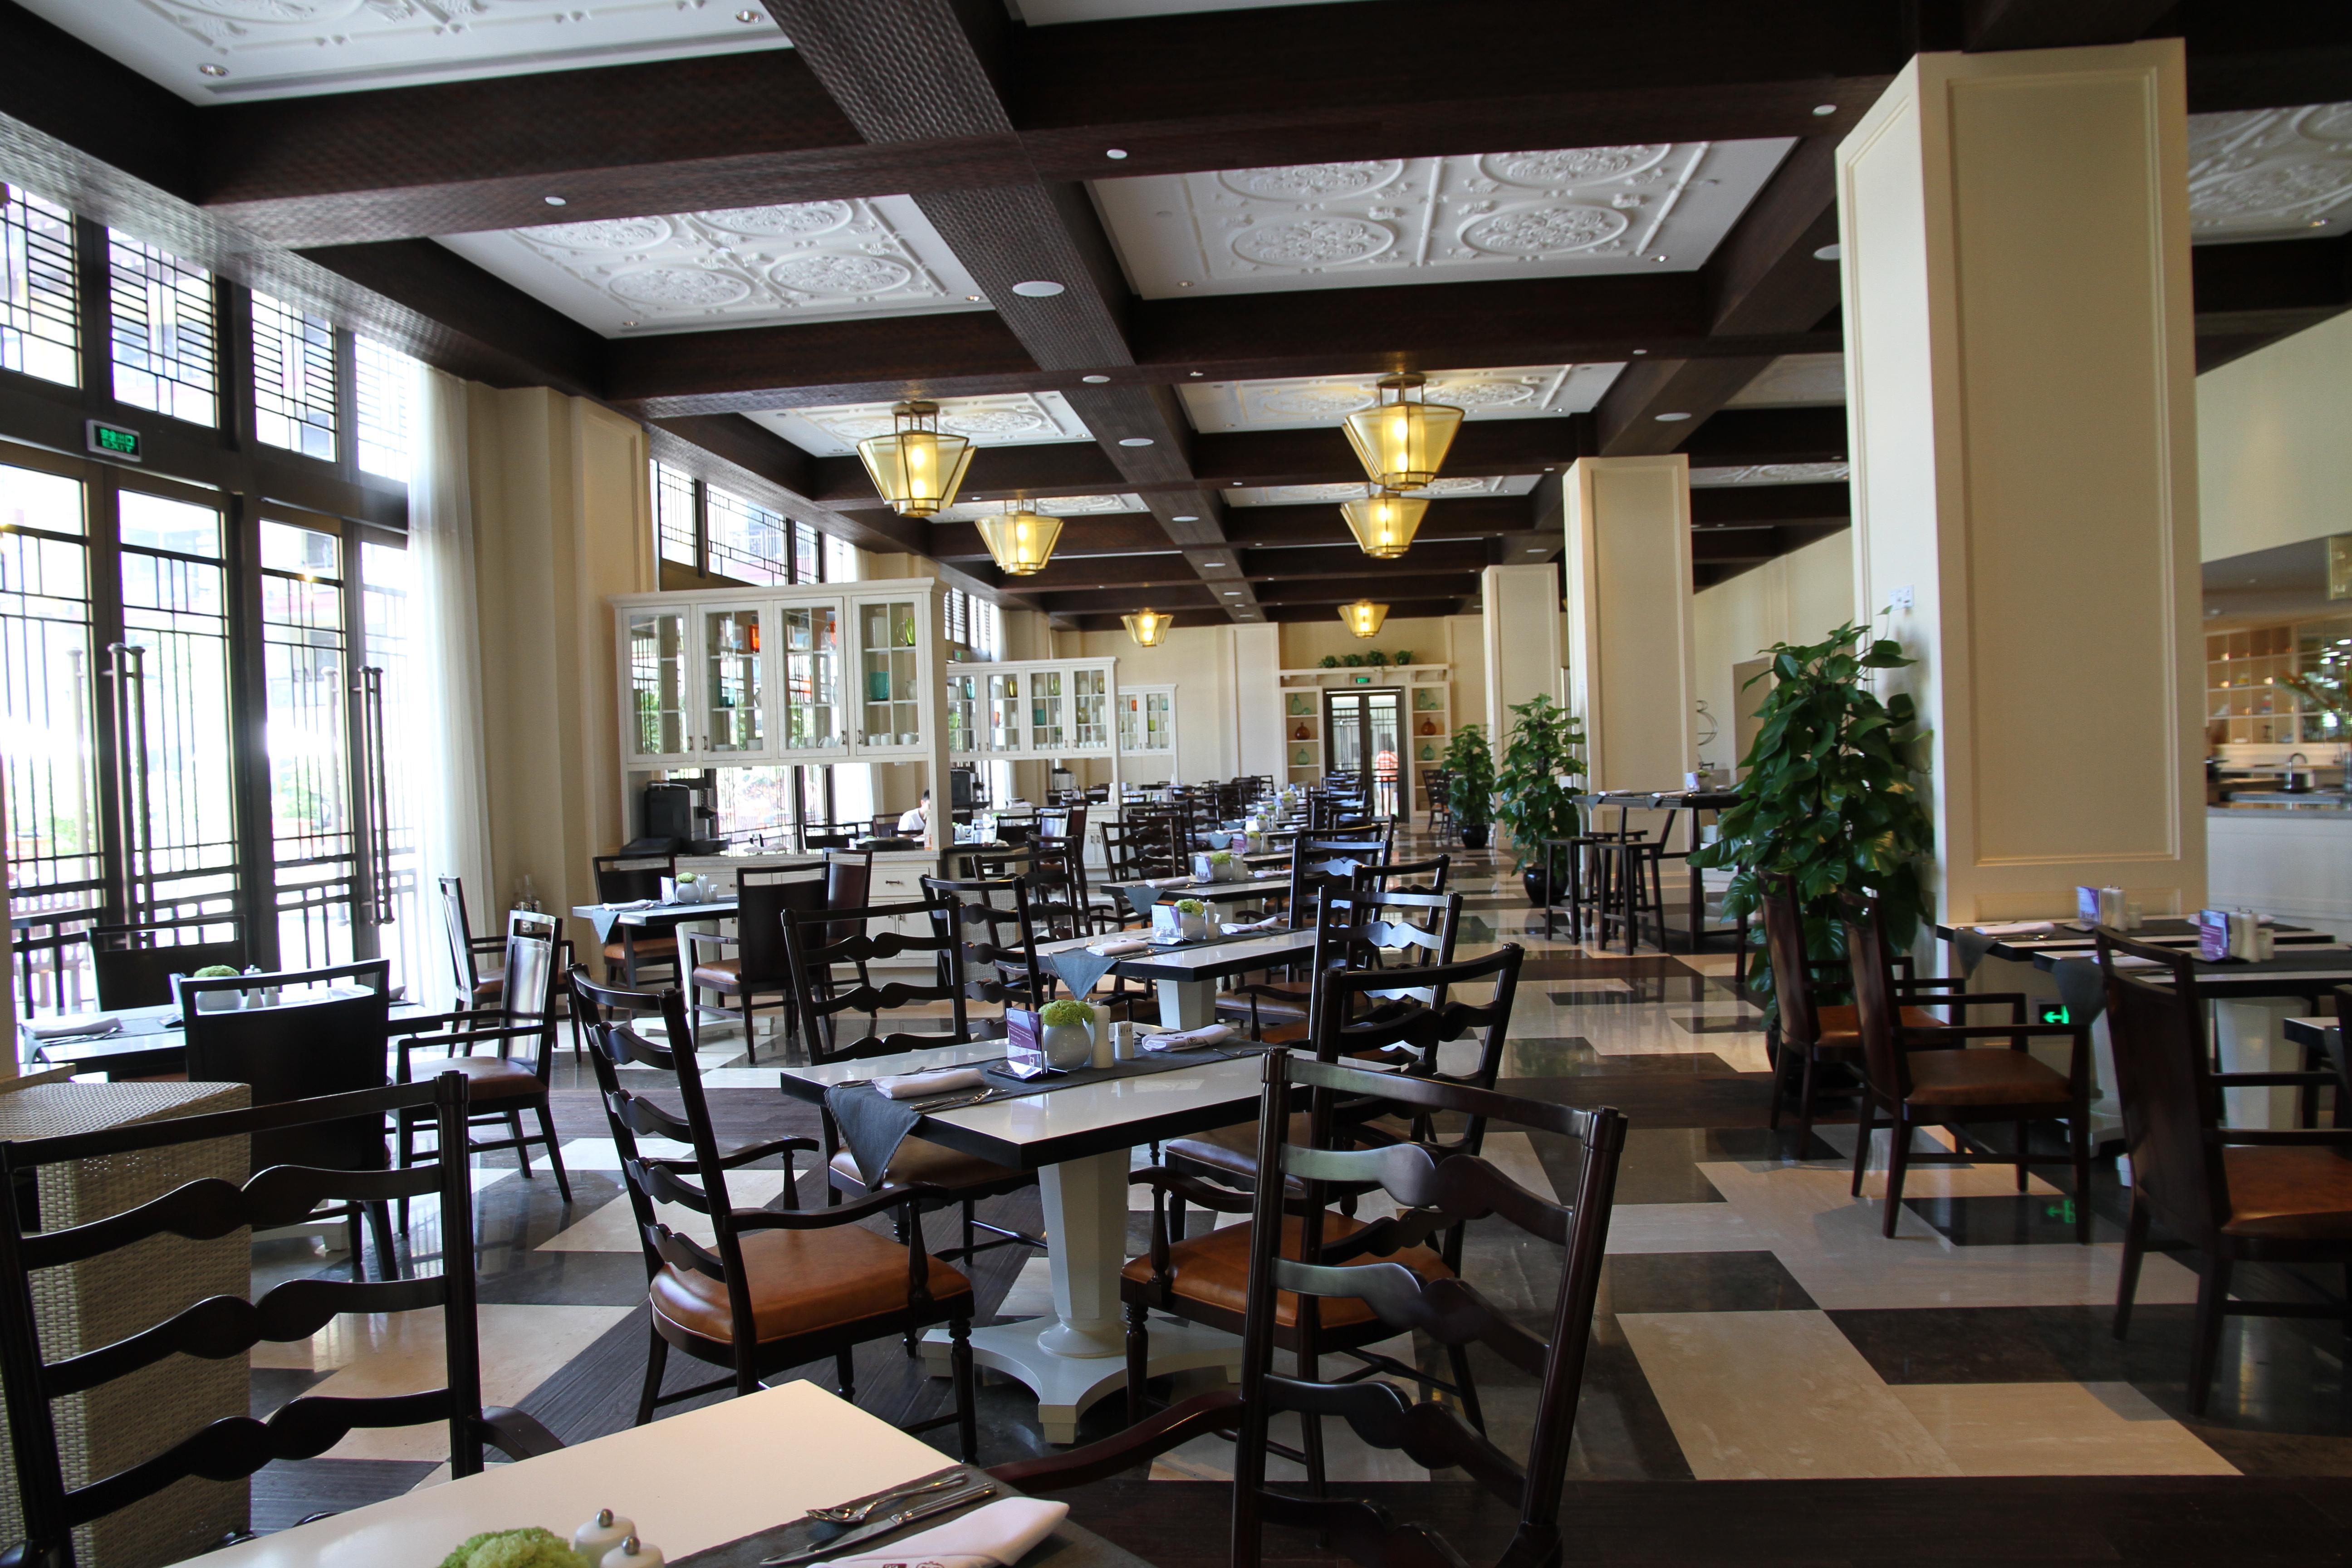 这里的自助餐比较贵,餐厅装修风格比较欧式田园,总体来说吃的和环境